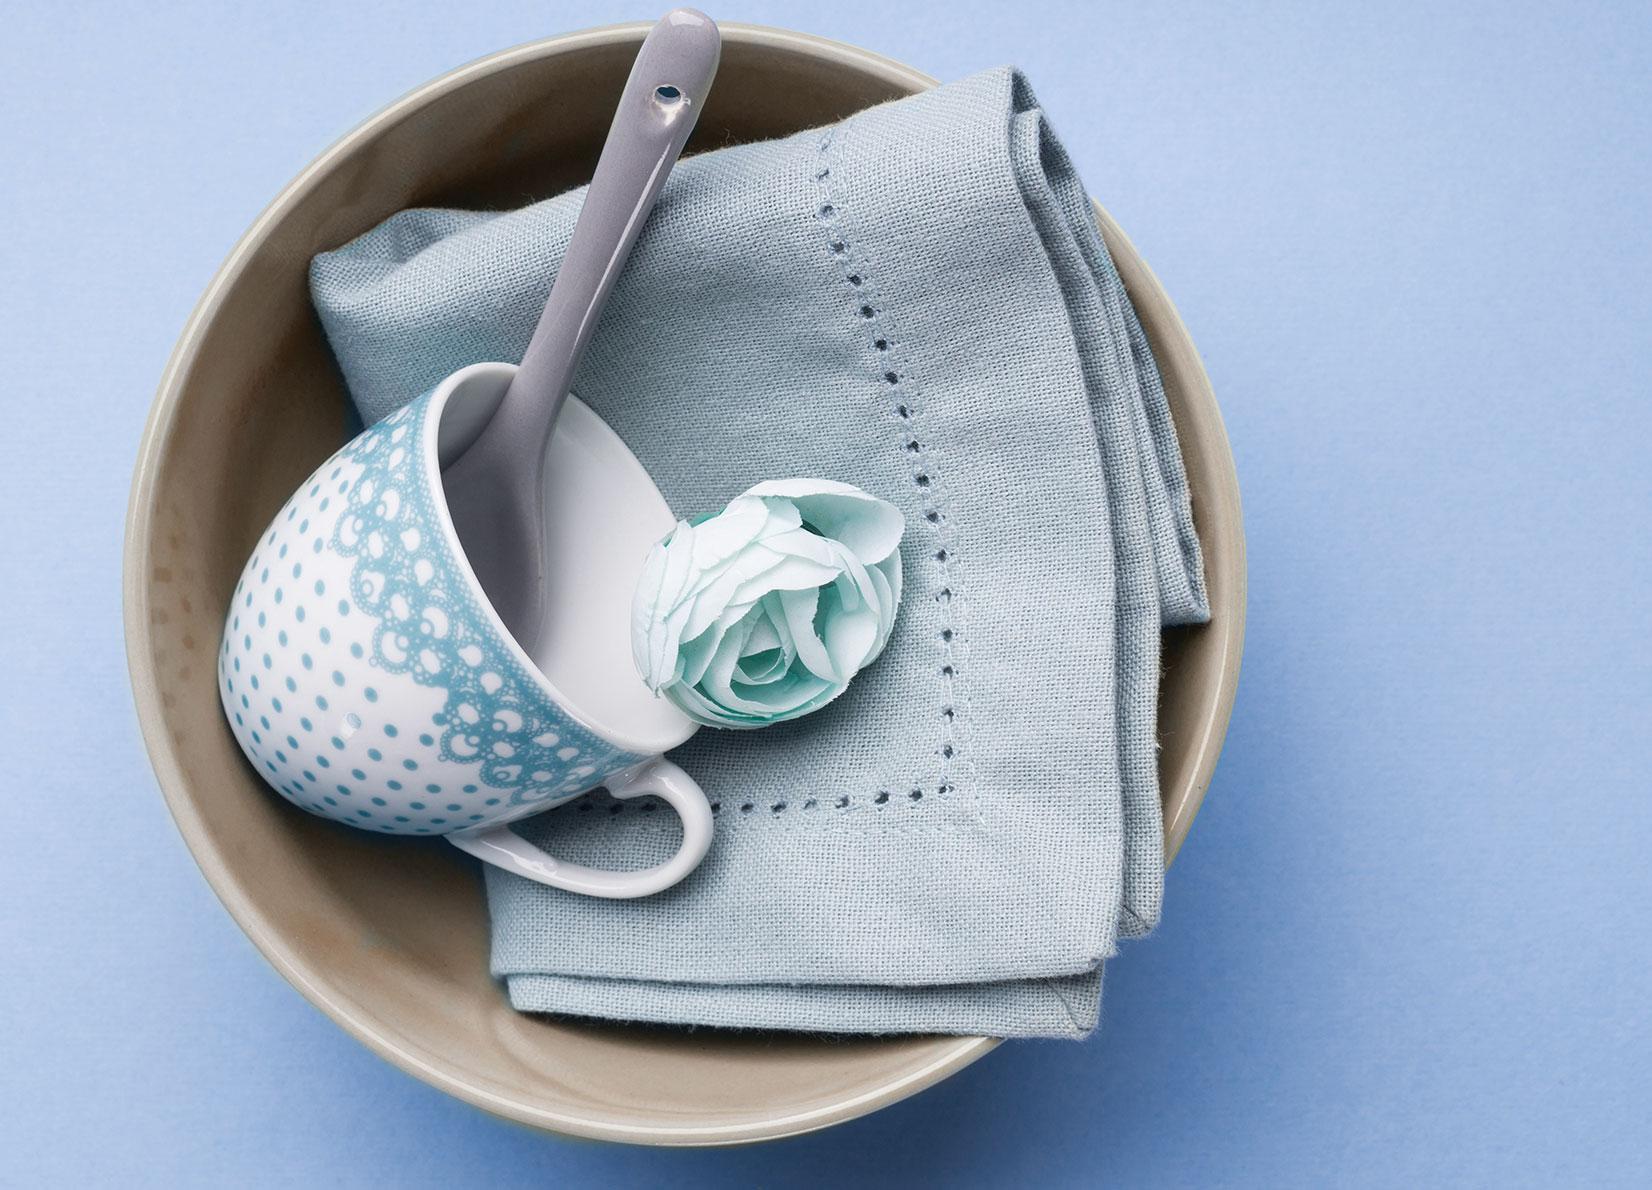 tovaglie ceramiche arredamento consigli donne